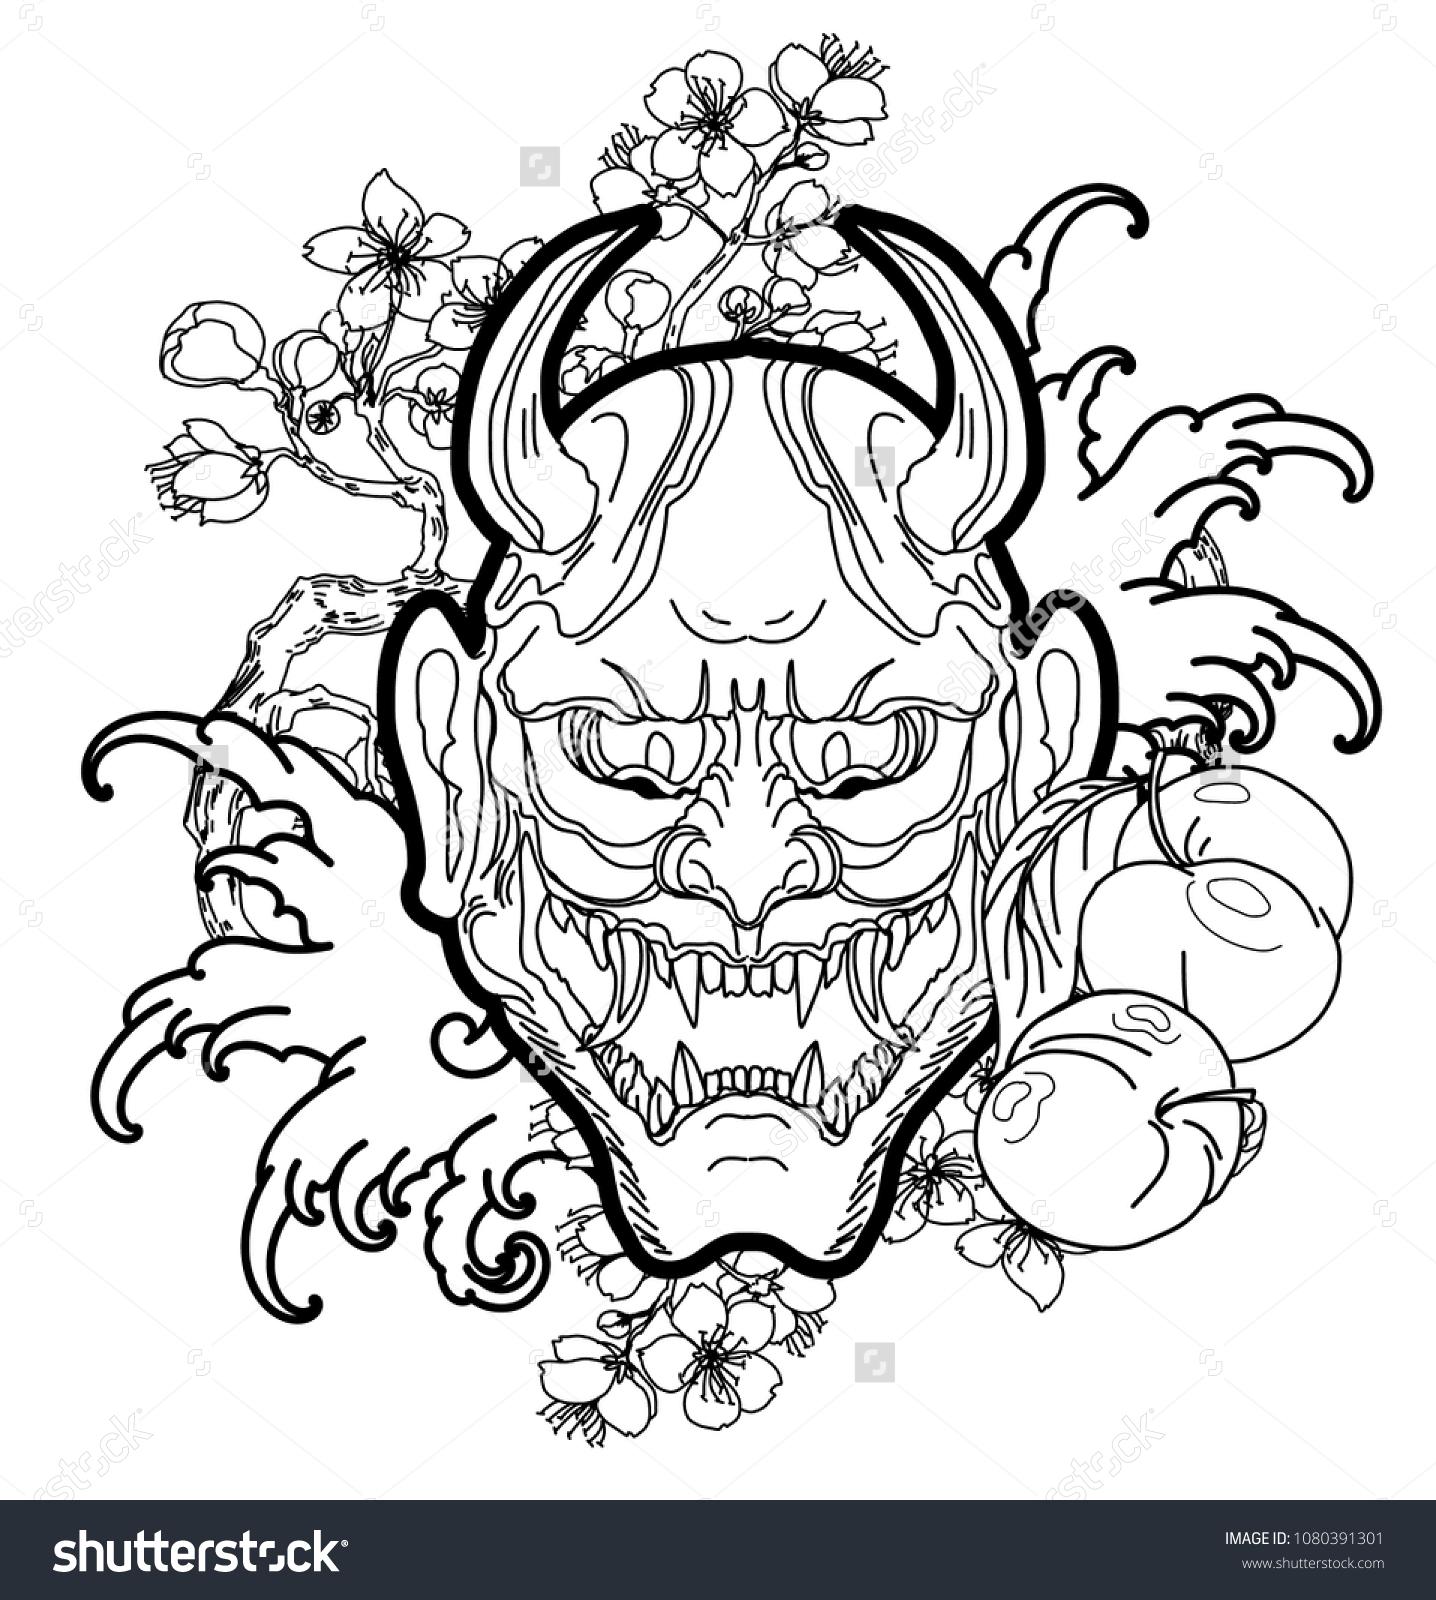 Japanese Demons Mask Tattoo Design Full Stock Vector Royalty Free